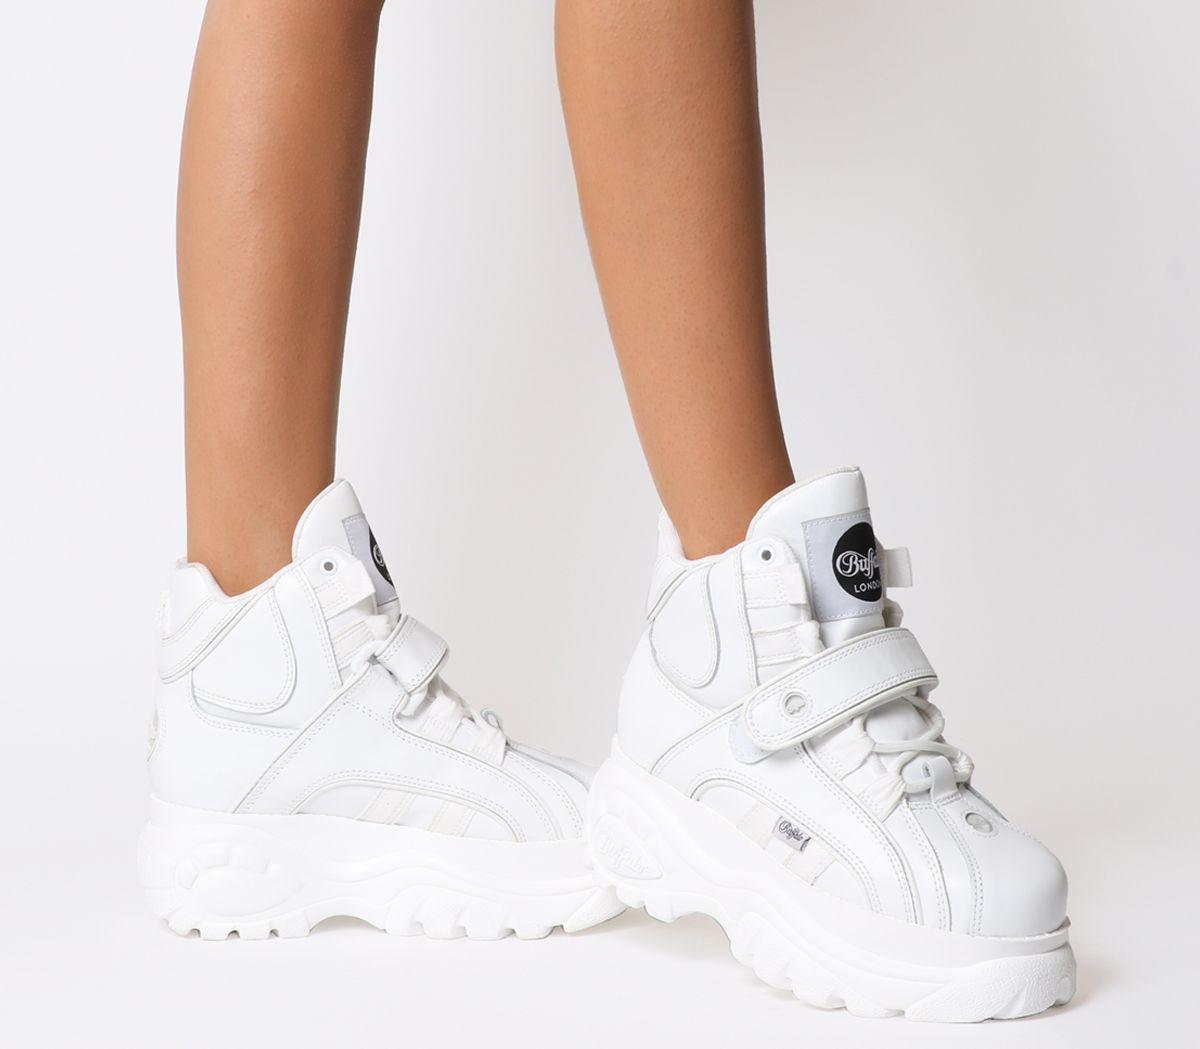 cc8267b4522 Buffalo Buffalo Classic High Sneakers White - Hers trainers